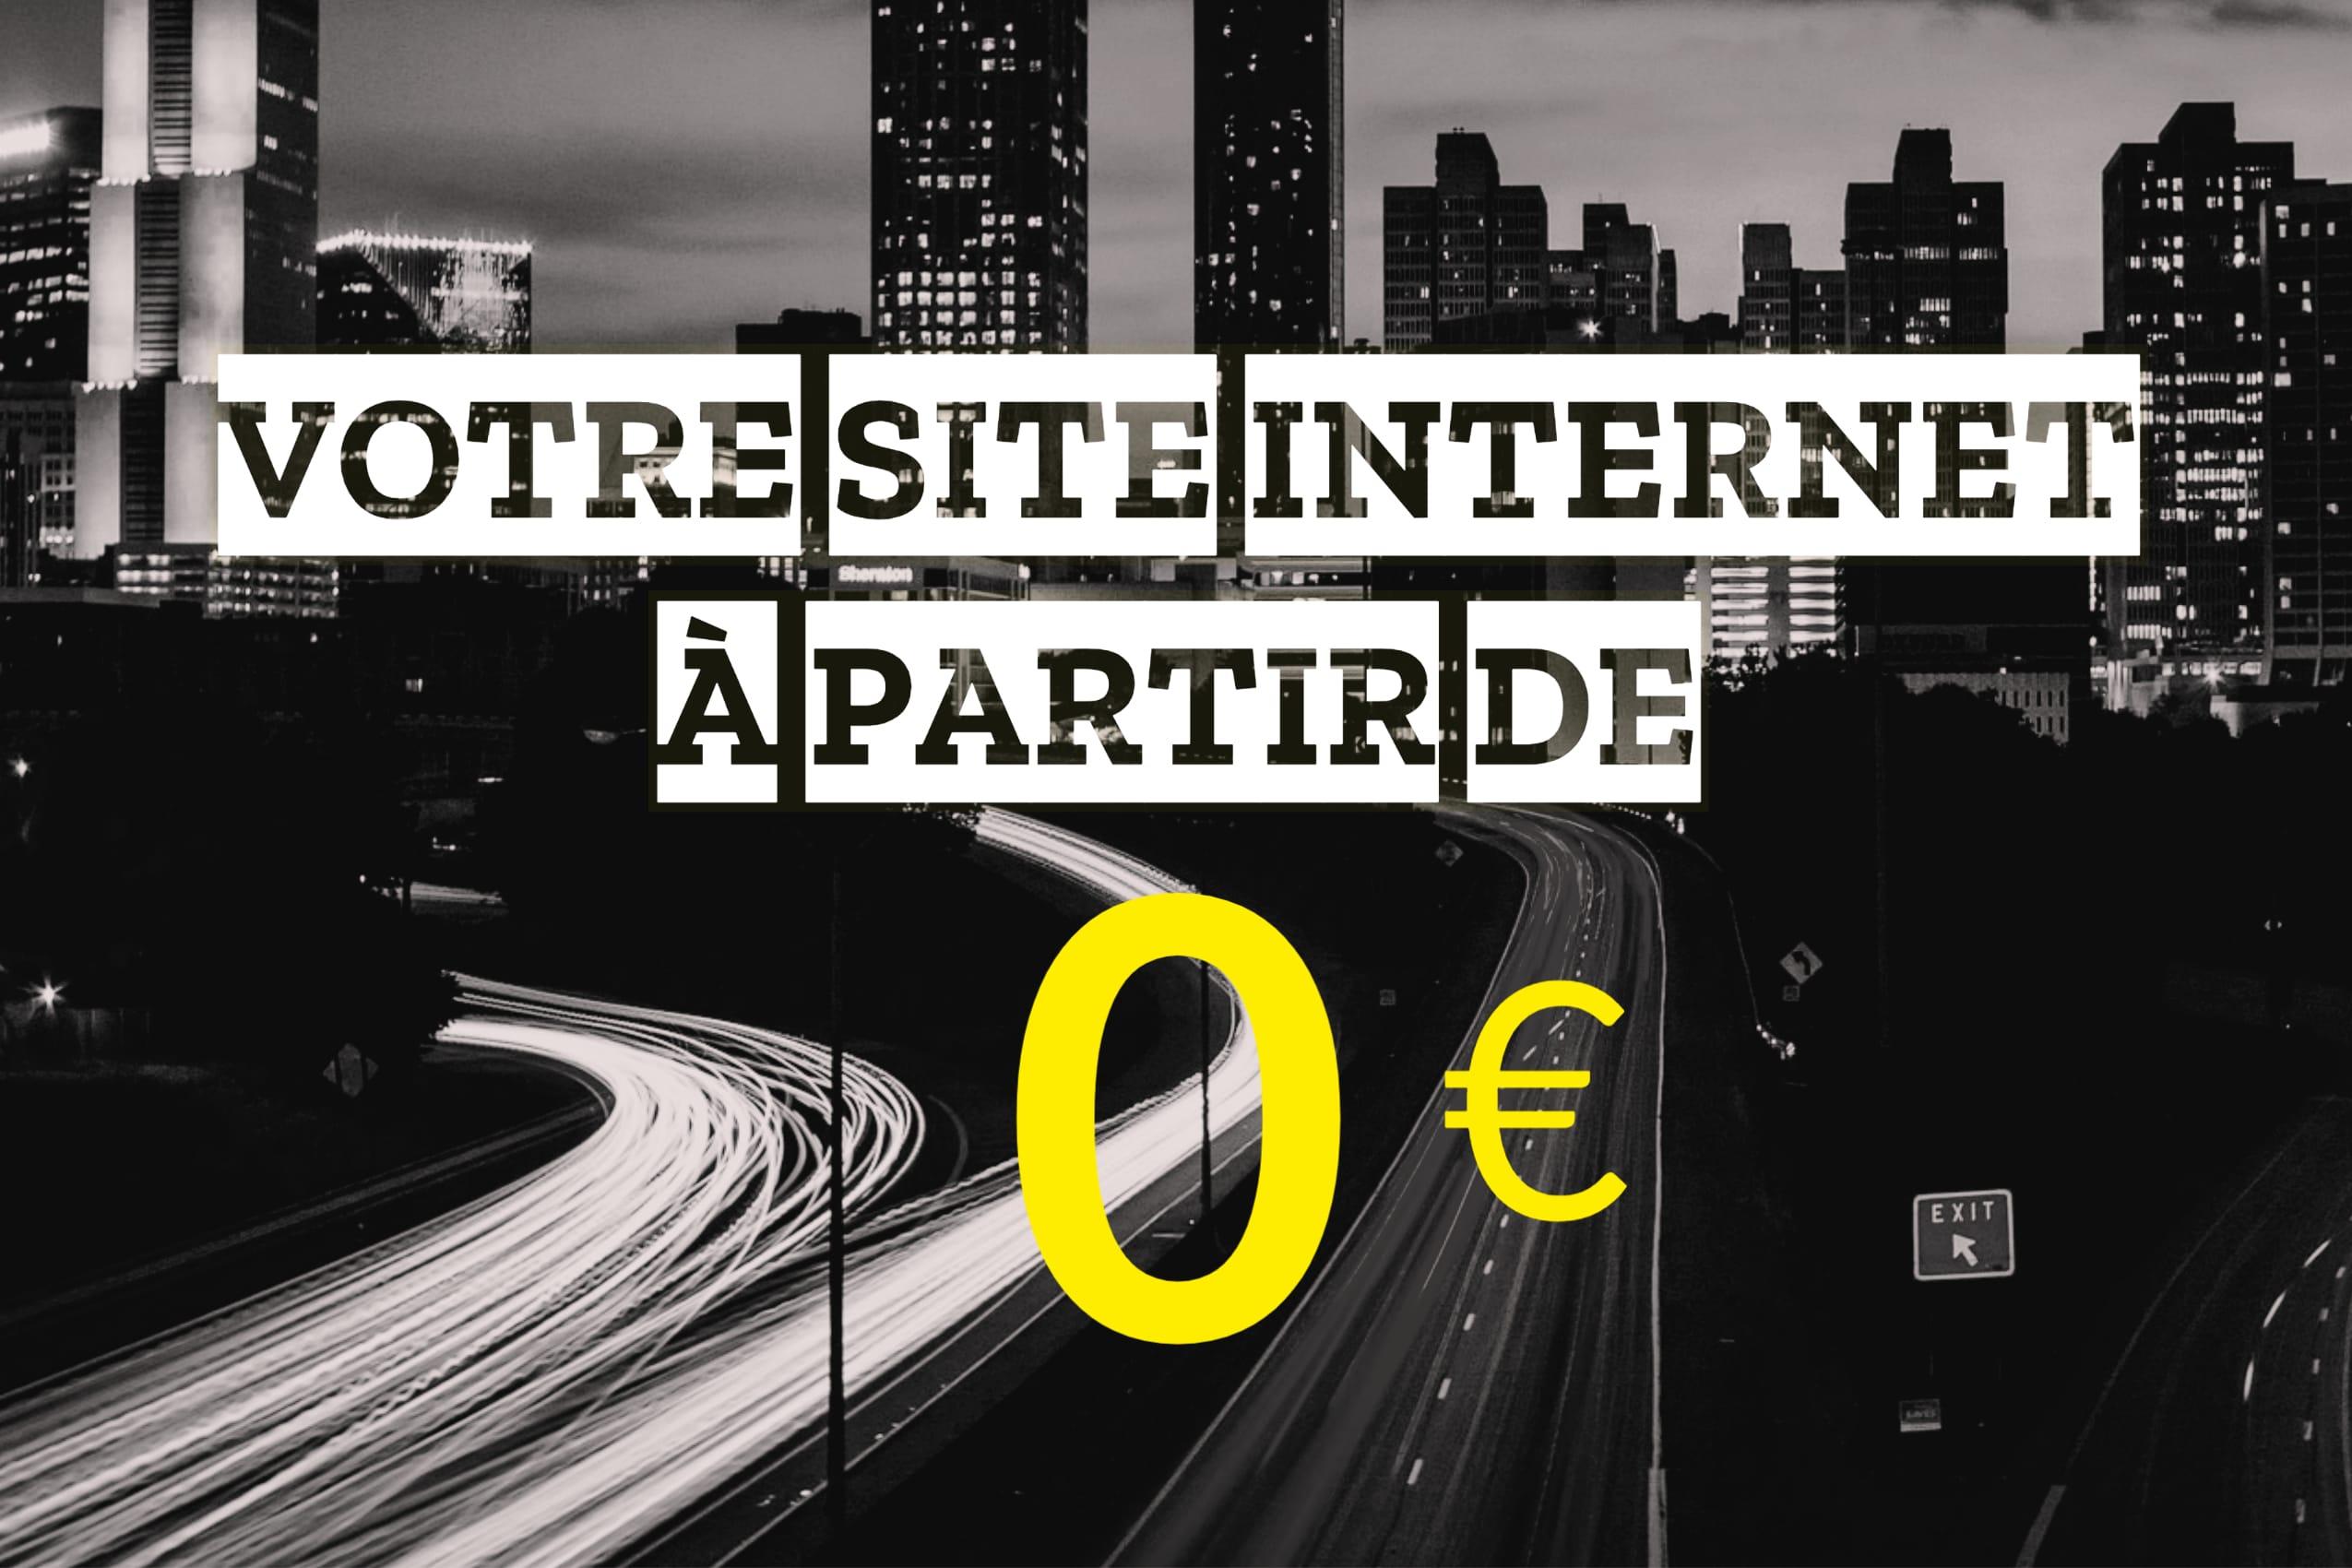 site internet à partir de 0 euro